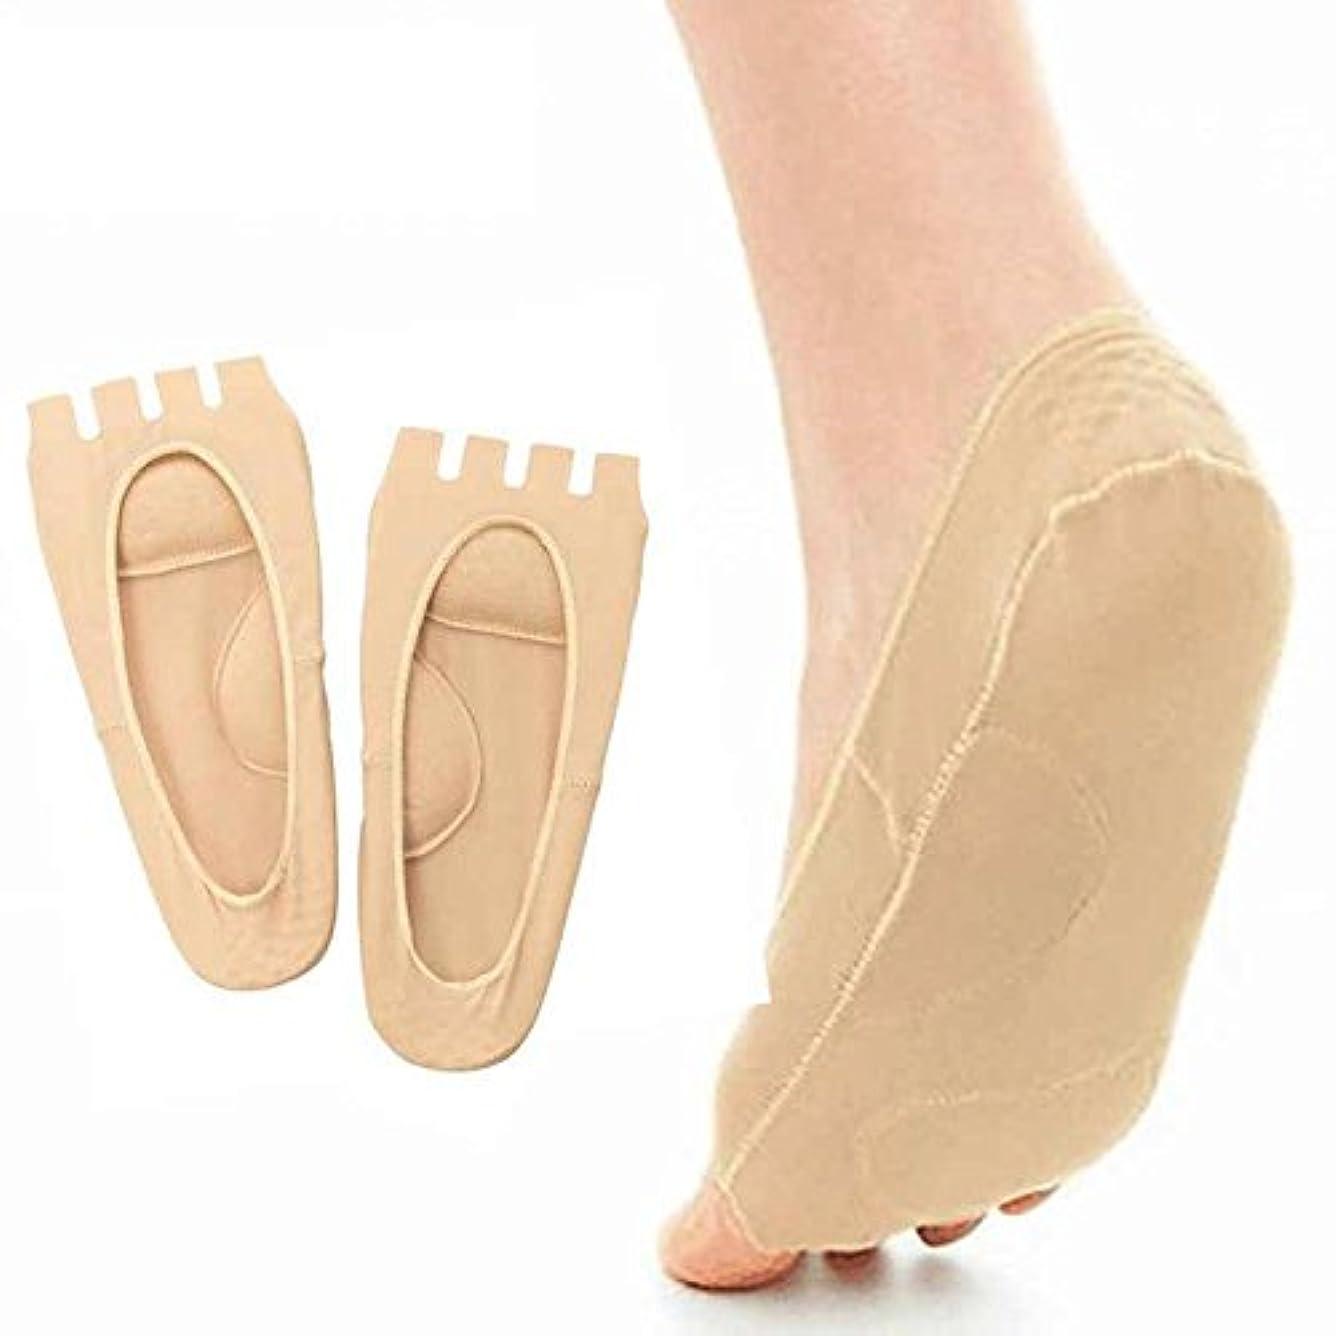 告白天の入浴Lorny(TM) ペディキュアツールコンシーラー親指の外反母趾の足セパレータフットケアツールのソックスマッサージャーアーチサポートソックスの痛みを軽減するフット